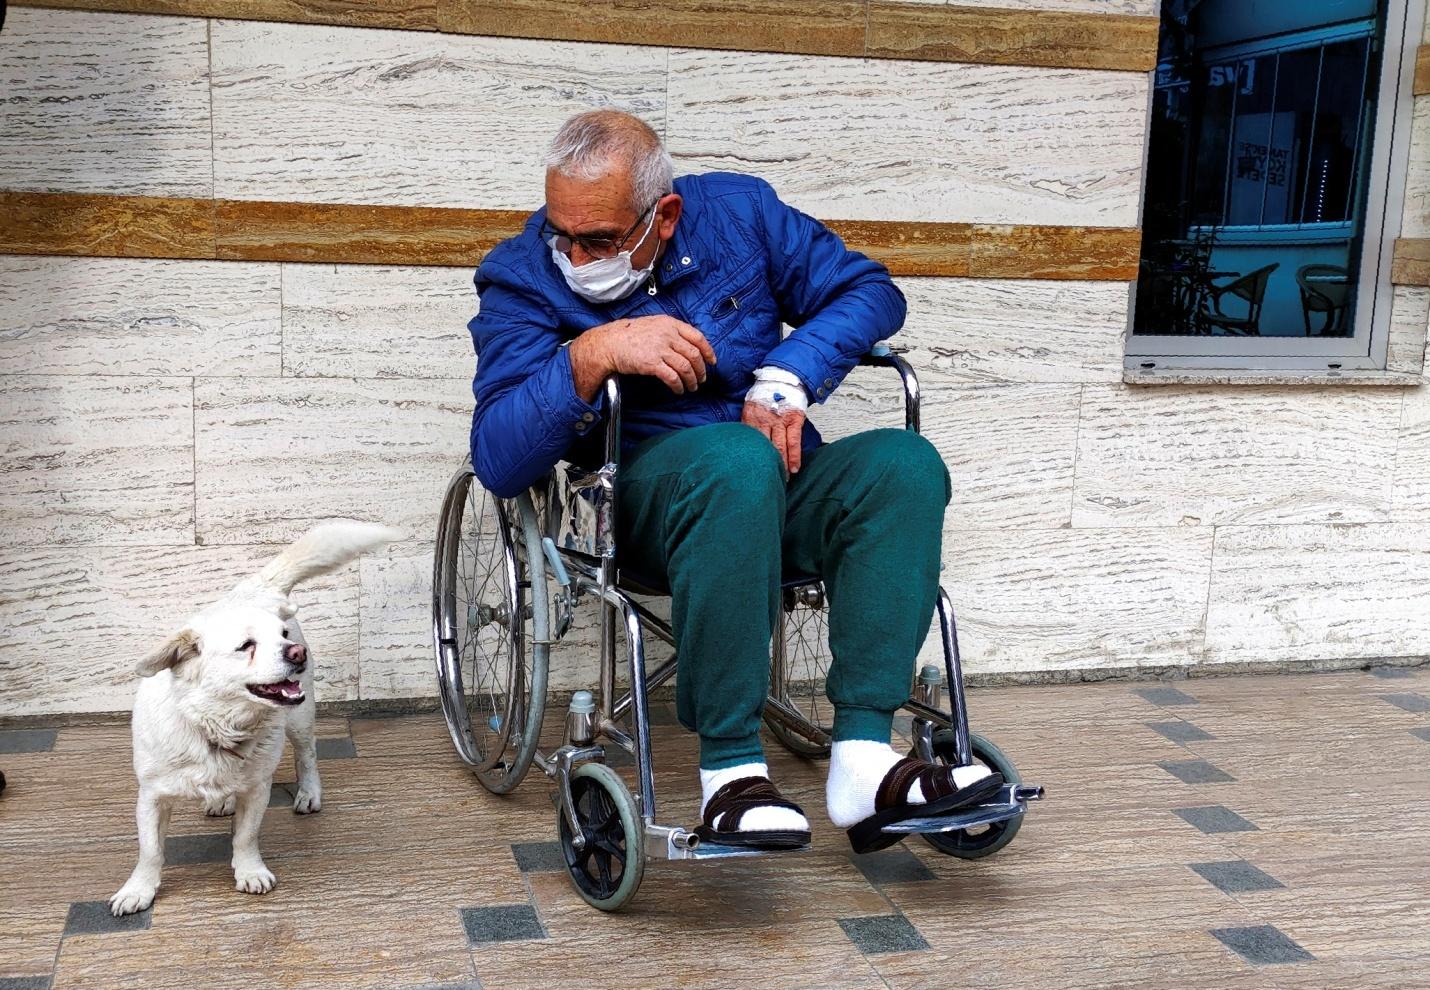 Chó trung thành chờ đợi chủ nhân suốt 6 ngày ở cửa bệnh viện